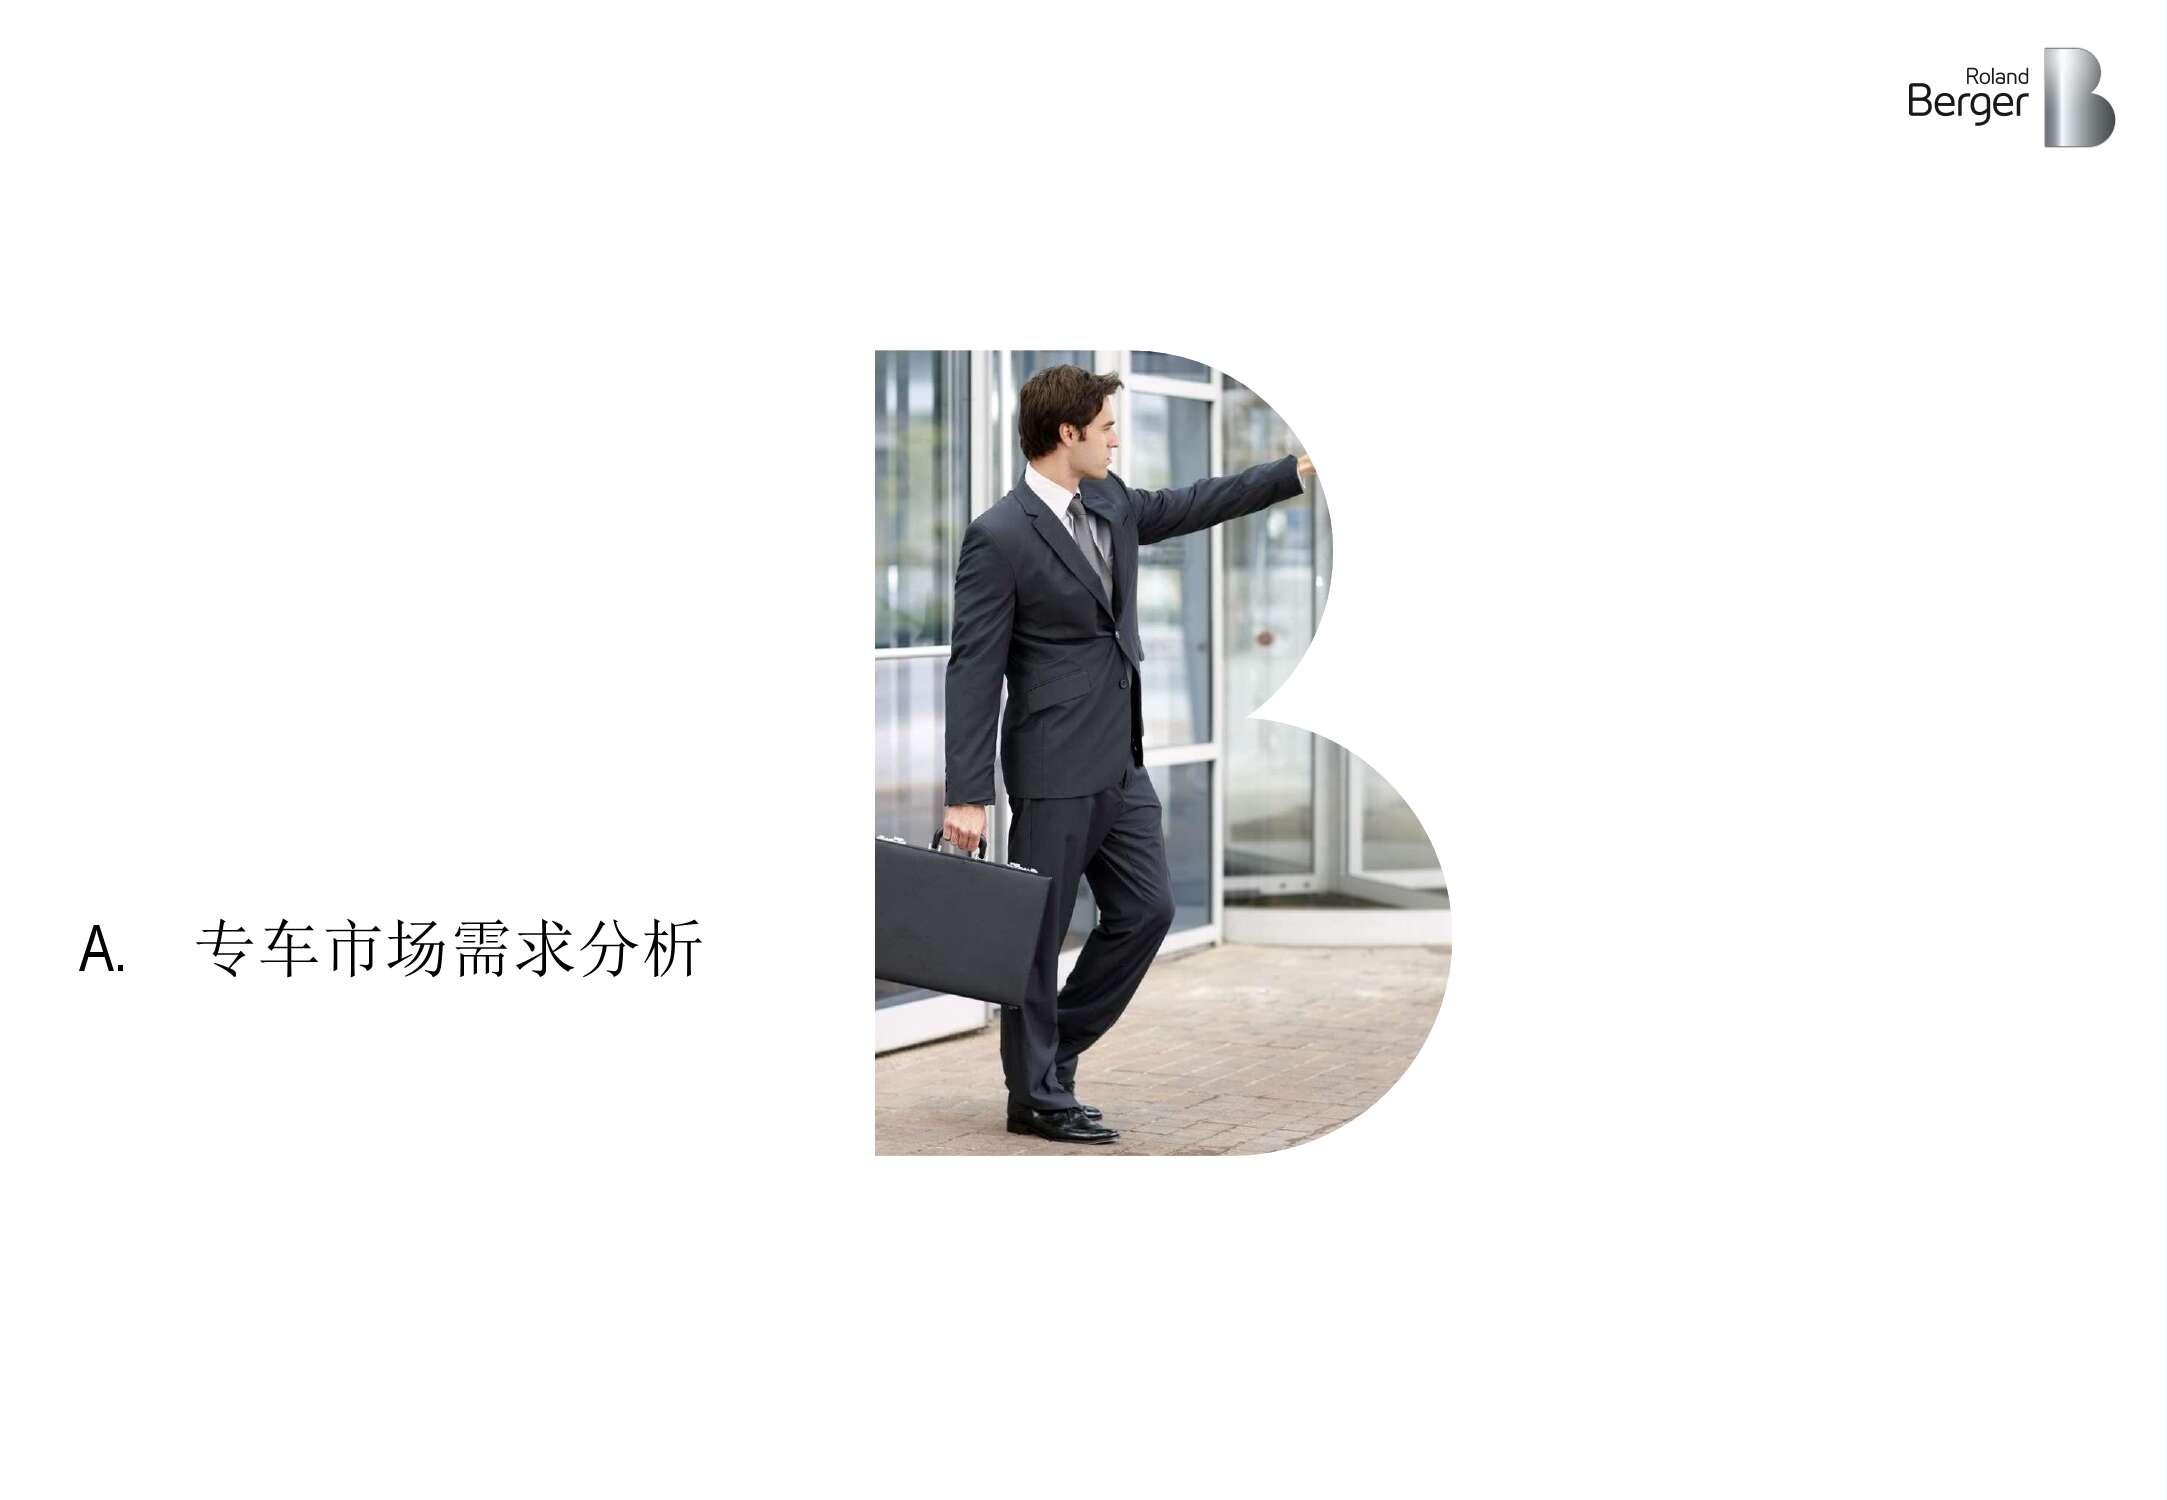 2016年中国专车市场分析报告_000003